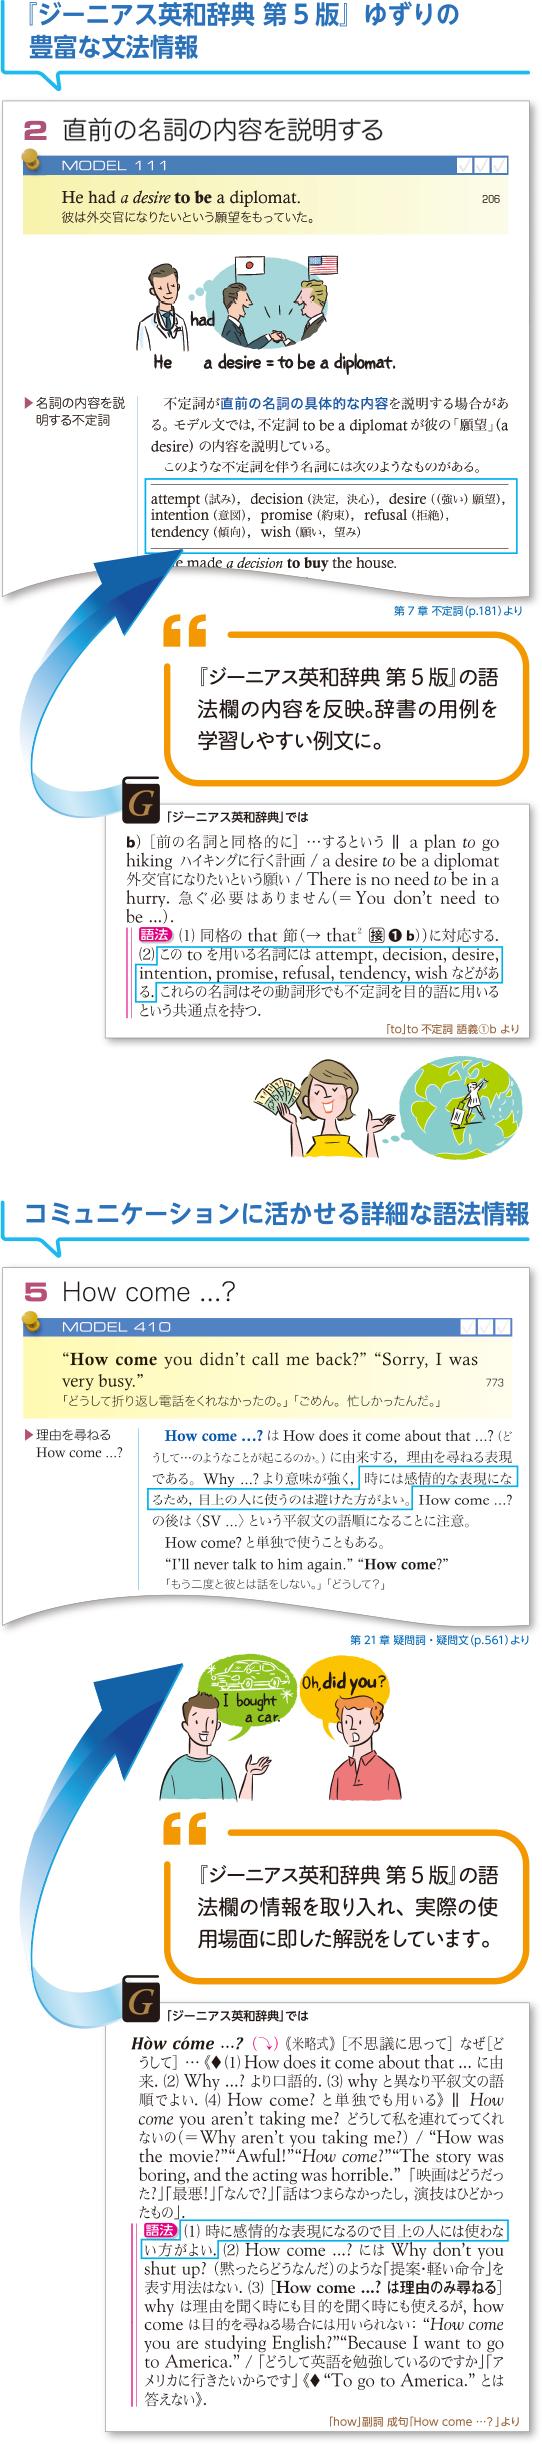 する 英語 充実